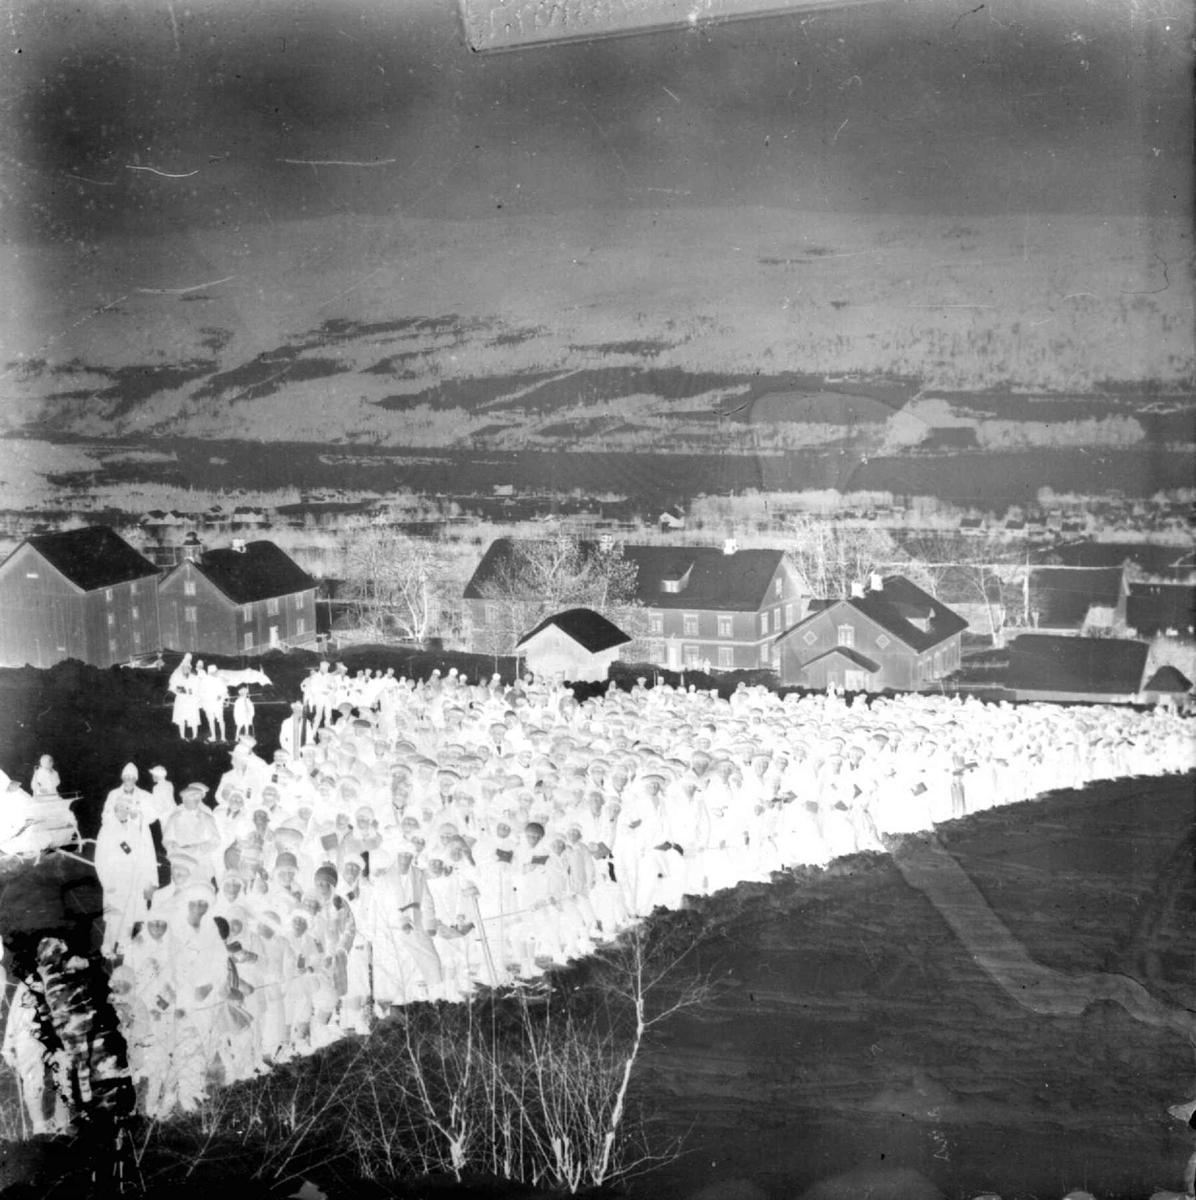 Hovedlandsrennet på Lillehammer, Lysgårdsbakken 1927. Publikum på sletta